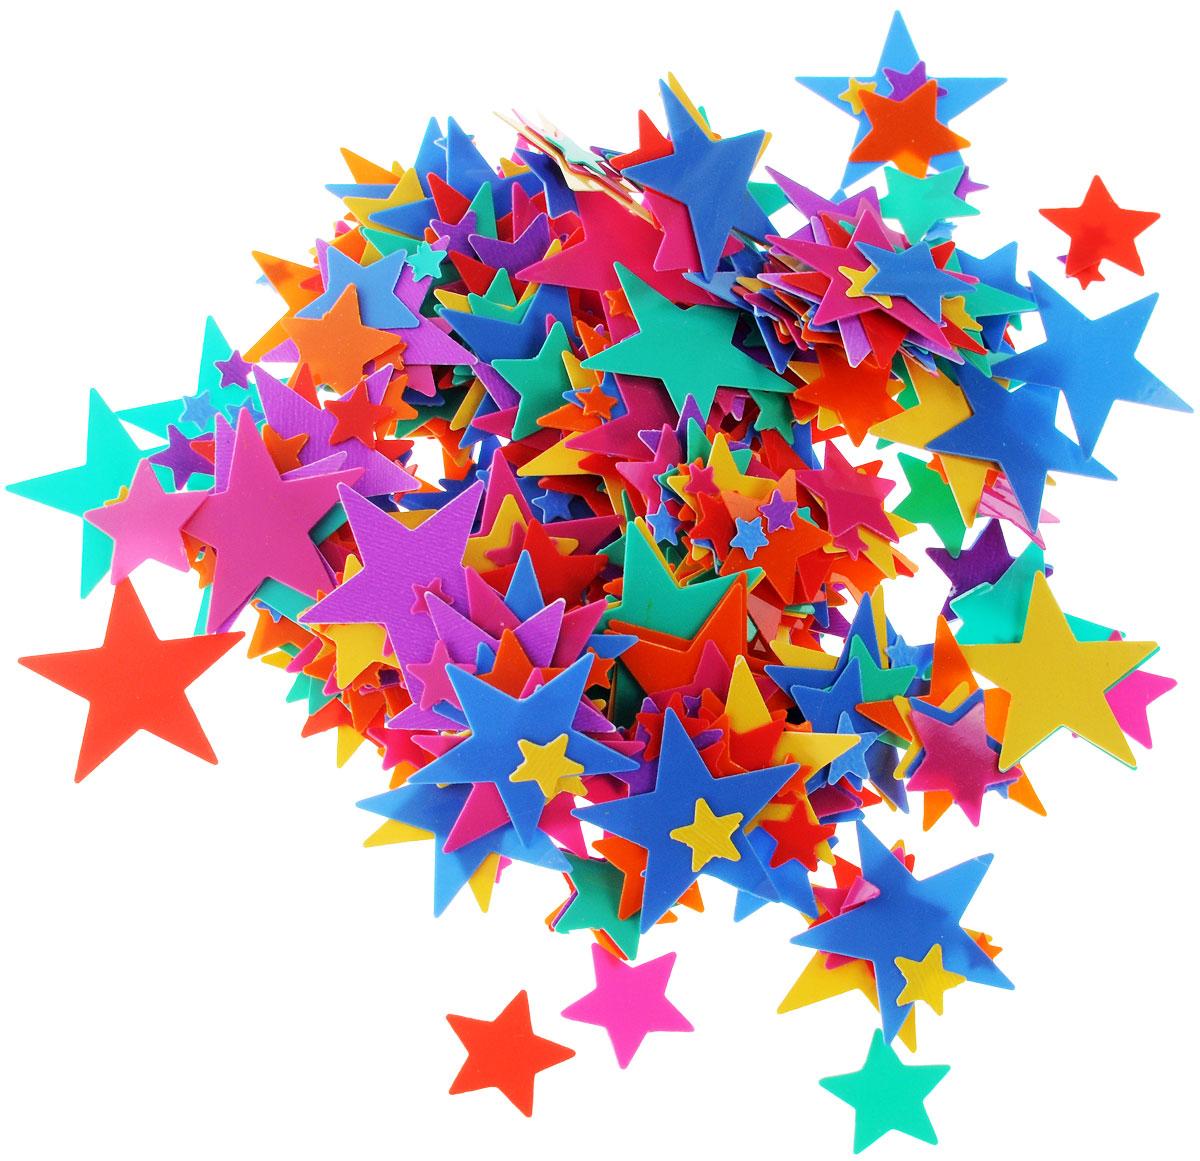 Веселая затея Конфетти Разноцветные звезды, 14 г1501-0191Конфетти Веселая затея Разноцветные звезды - неотъемлемый атрибут праздников, триумфальных шествий, а также свадебных торжеств. Выполнено из прочного материала в форме разноцветных звездочек. Конфетти осыпают друг друга участники празднеств или его сбрасывают сверху. Конфетти, рассыпанное на столе, является необычной и привлекательной формой украшения праздничного застолья. Еще один оригинальный способ порадовать друзей и близких - насыпьте конфетти в конверт с открыткой - это будет неожиданный сюрприз! Это чудесное украшение принесет в ваш дом или офис незабываемую атмосферу праздничного веселья!